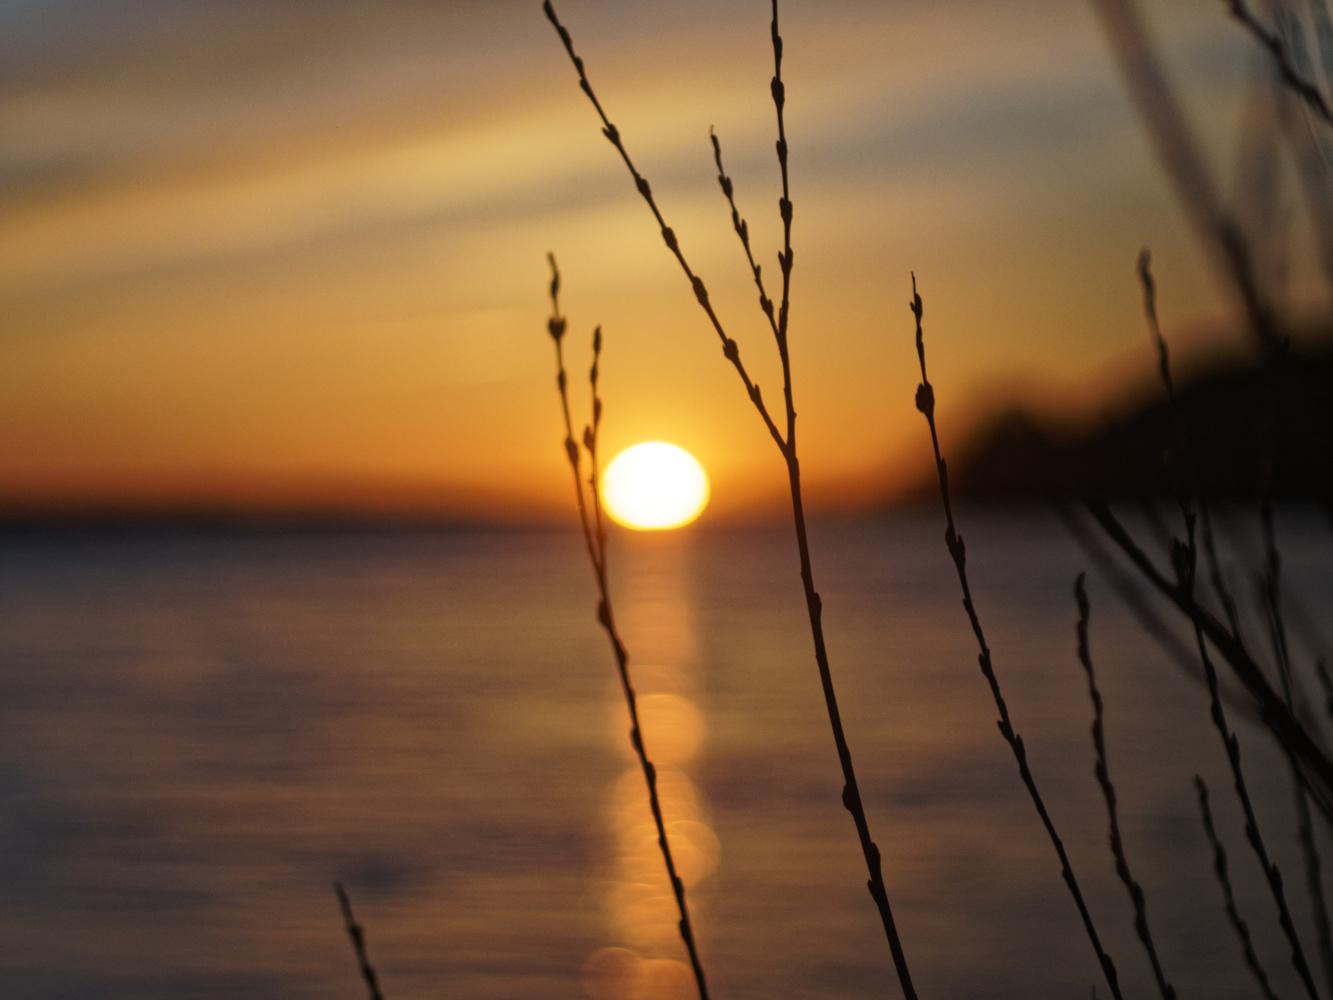 Bokeh Sunset by Kamil Czech